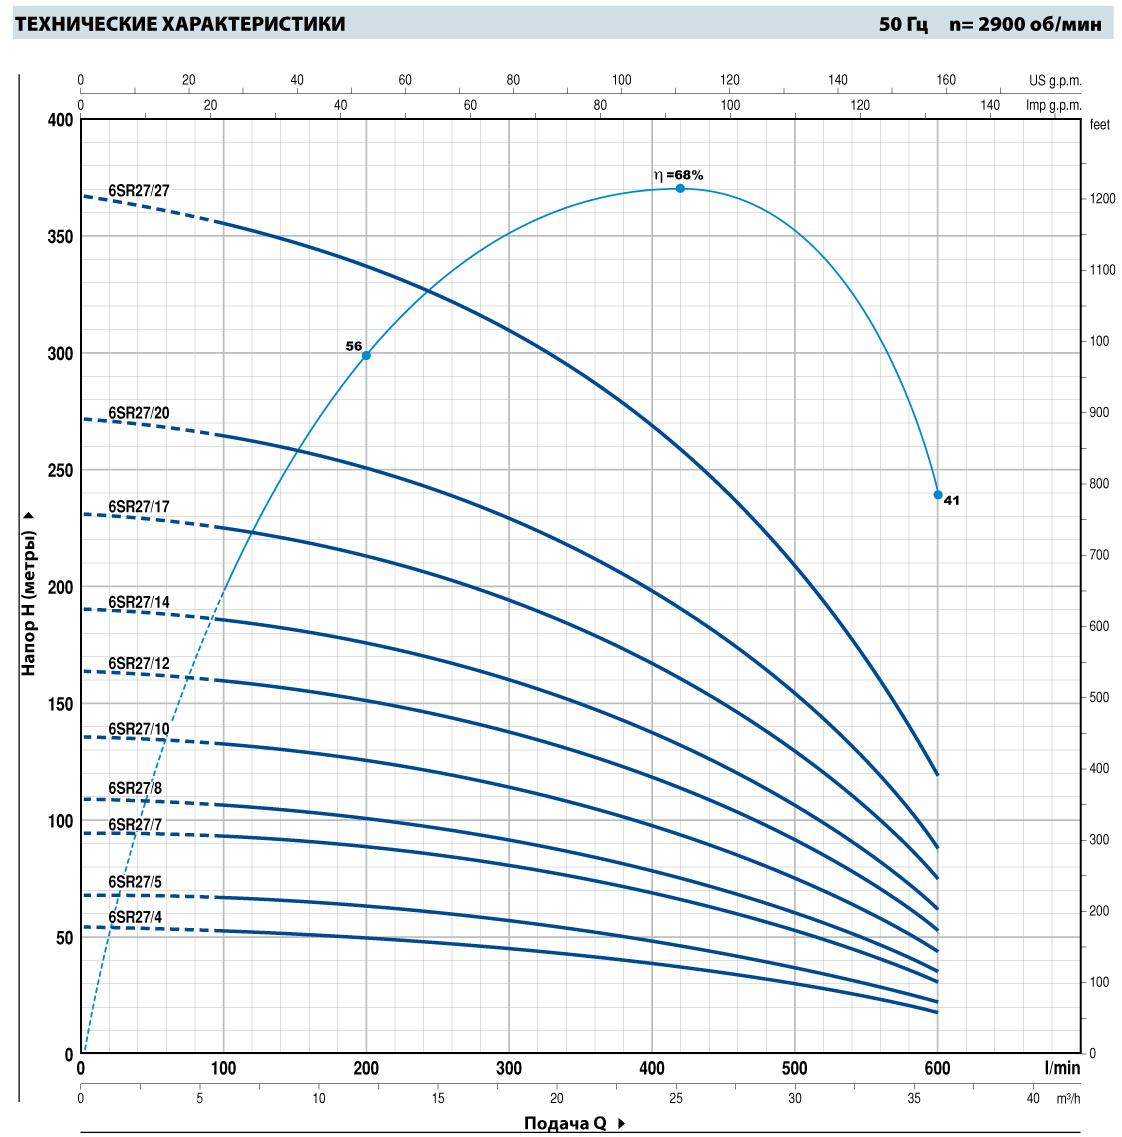 Шкала производительности погружного насоса Pedrollo 6SR27